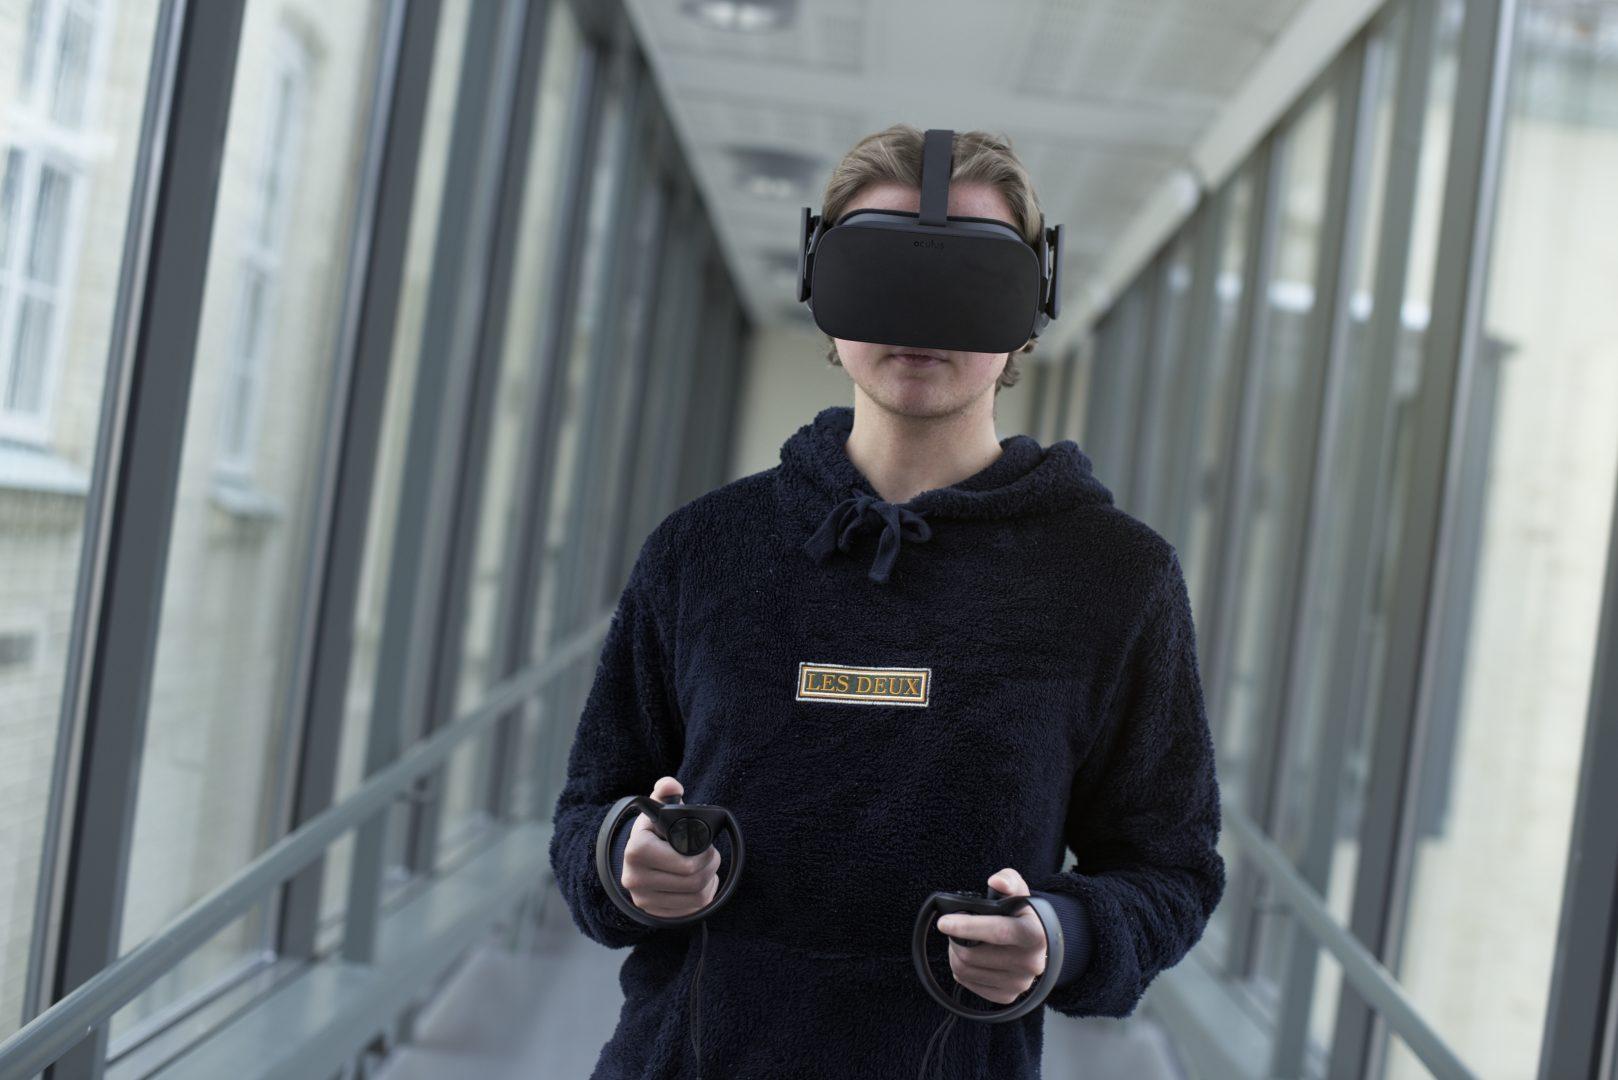 Lukas vgs VR teknologi spesialisten på helse- og oppvekstfag